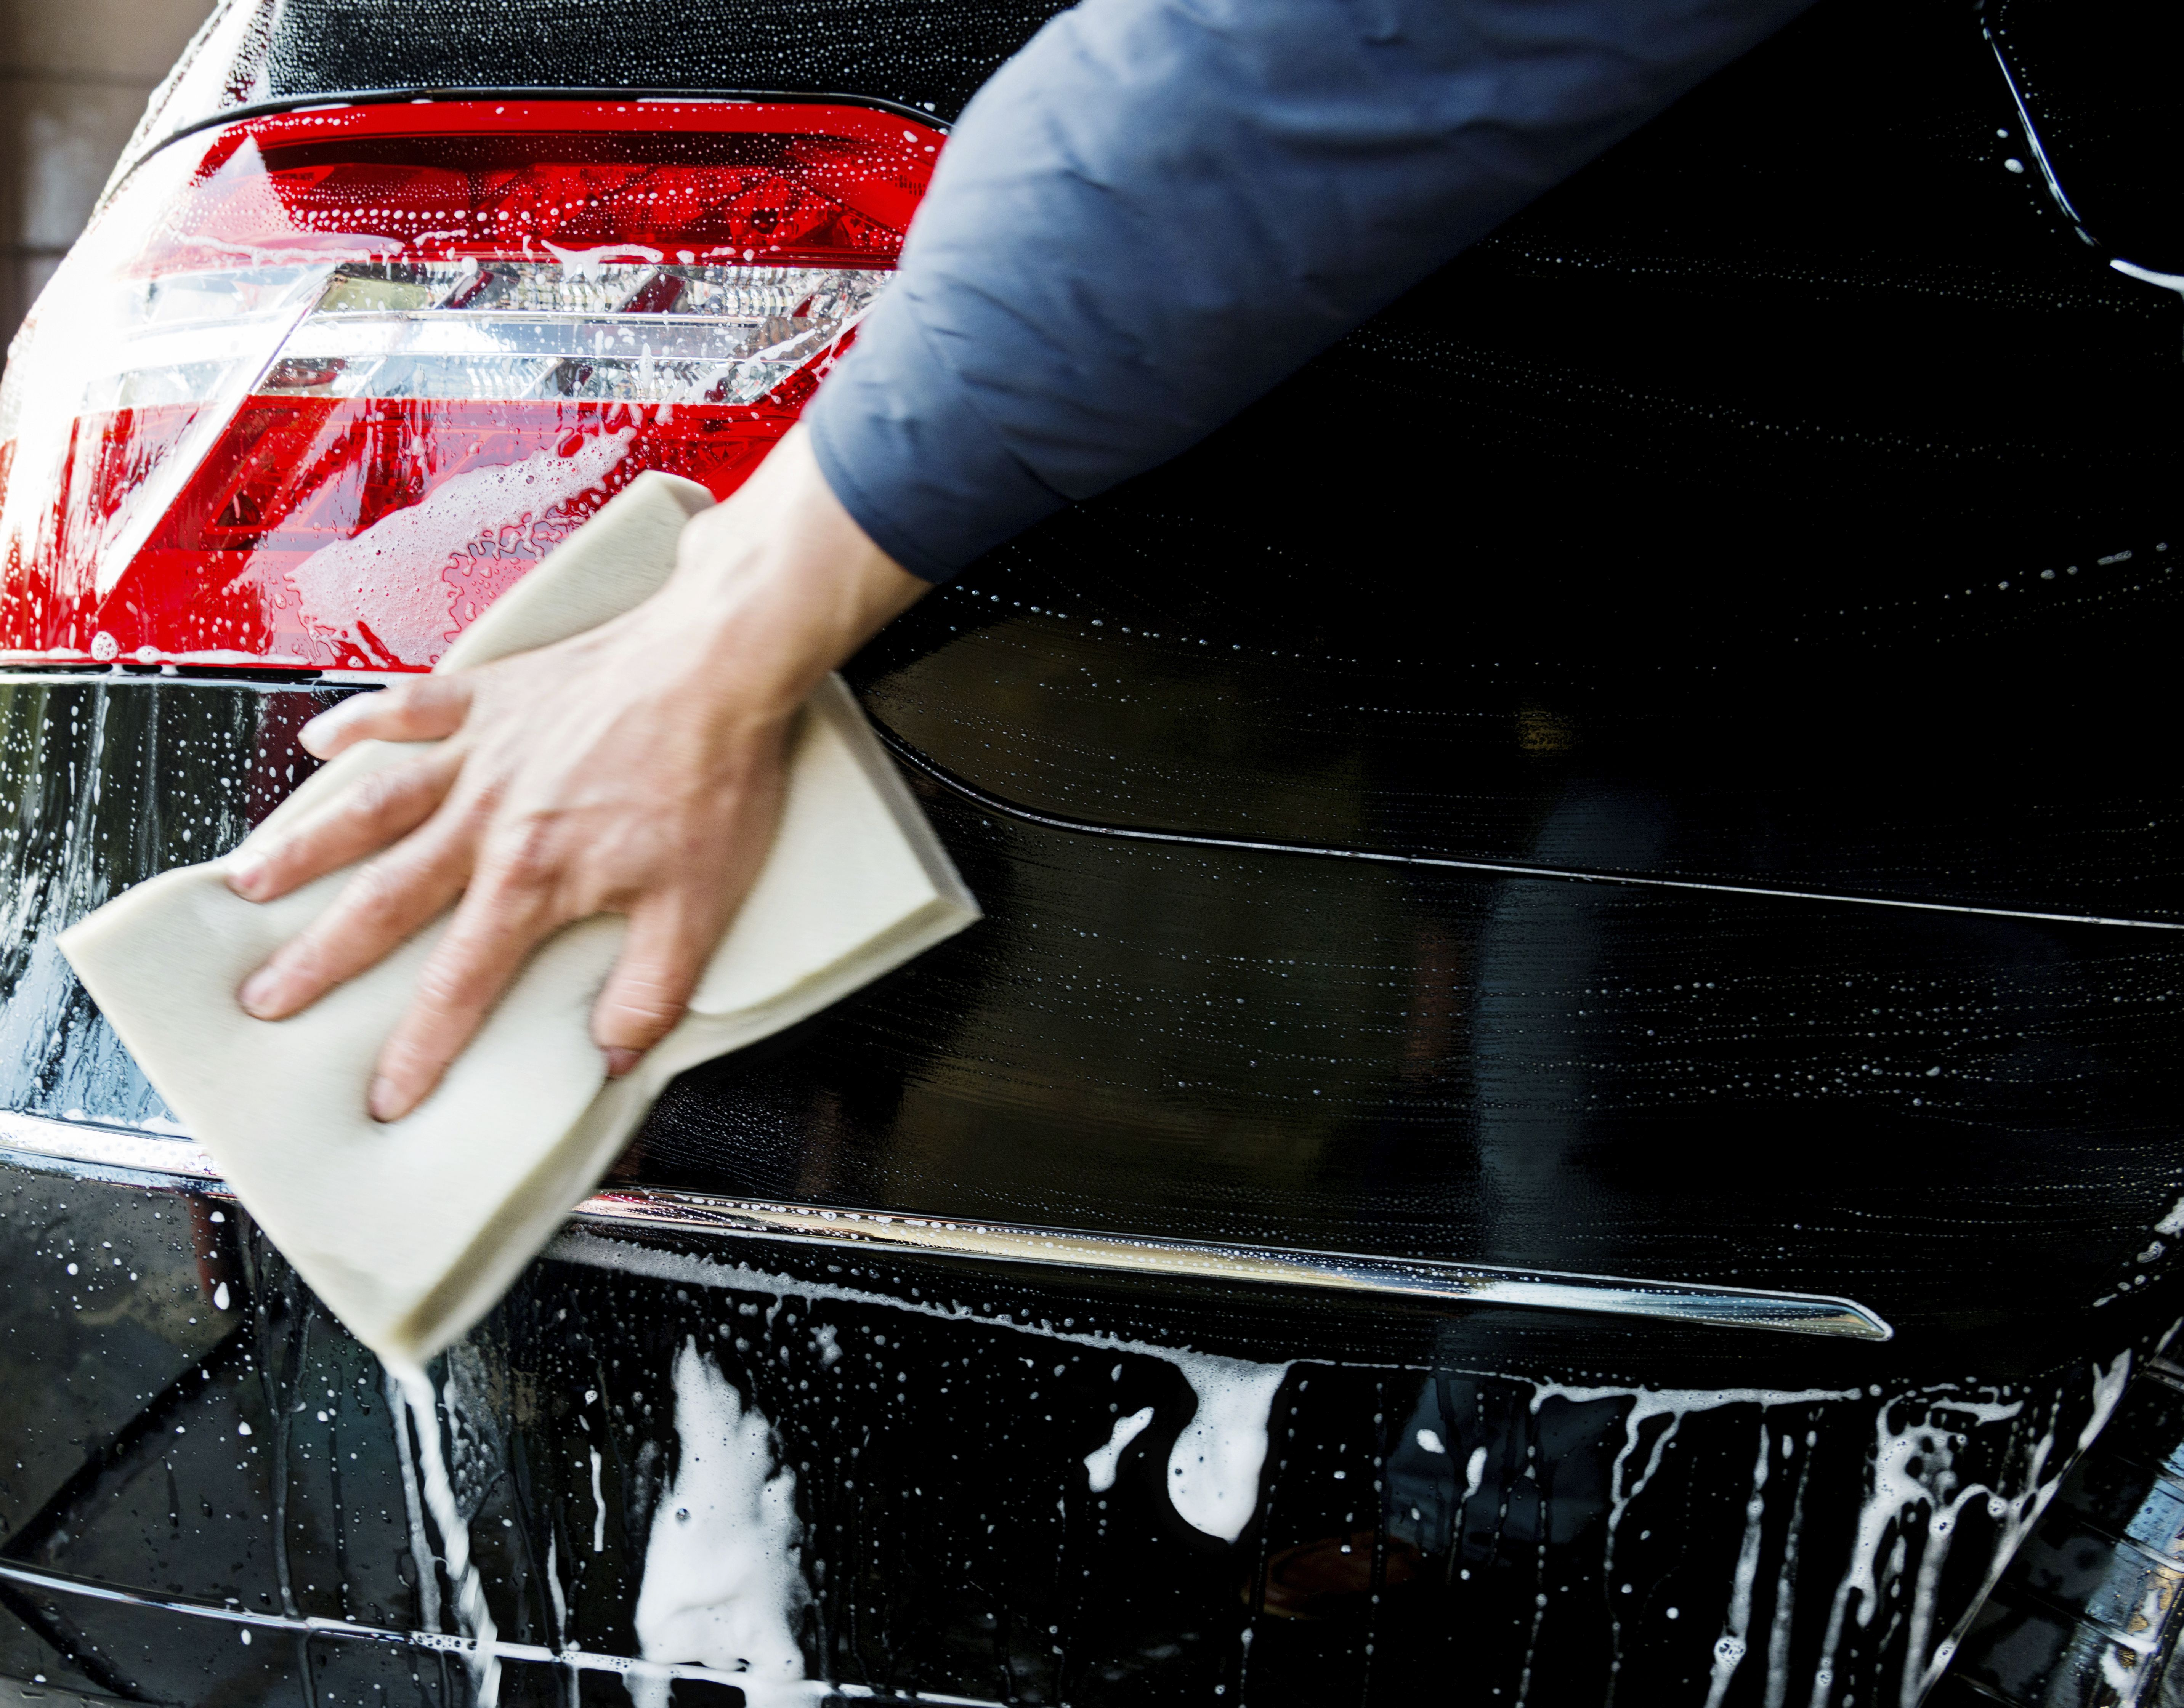 Lavado a mano: Productos de Taller Autolavado El Futuro